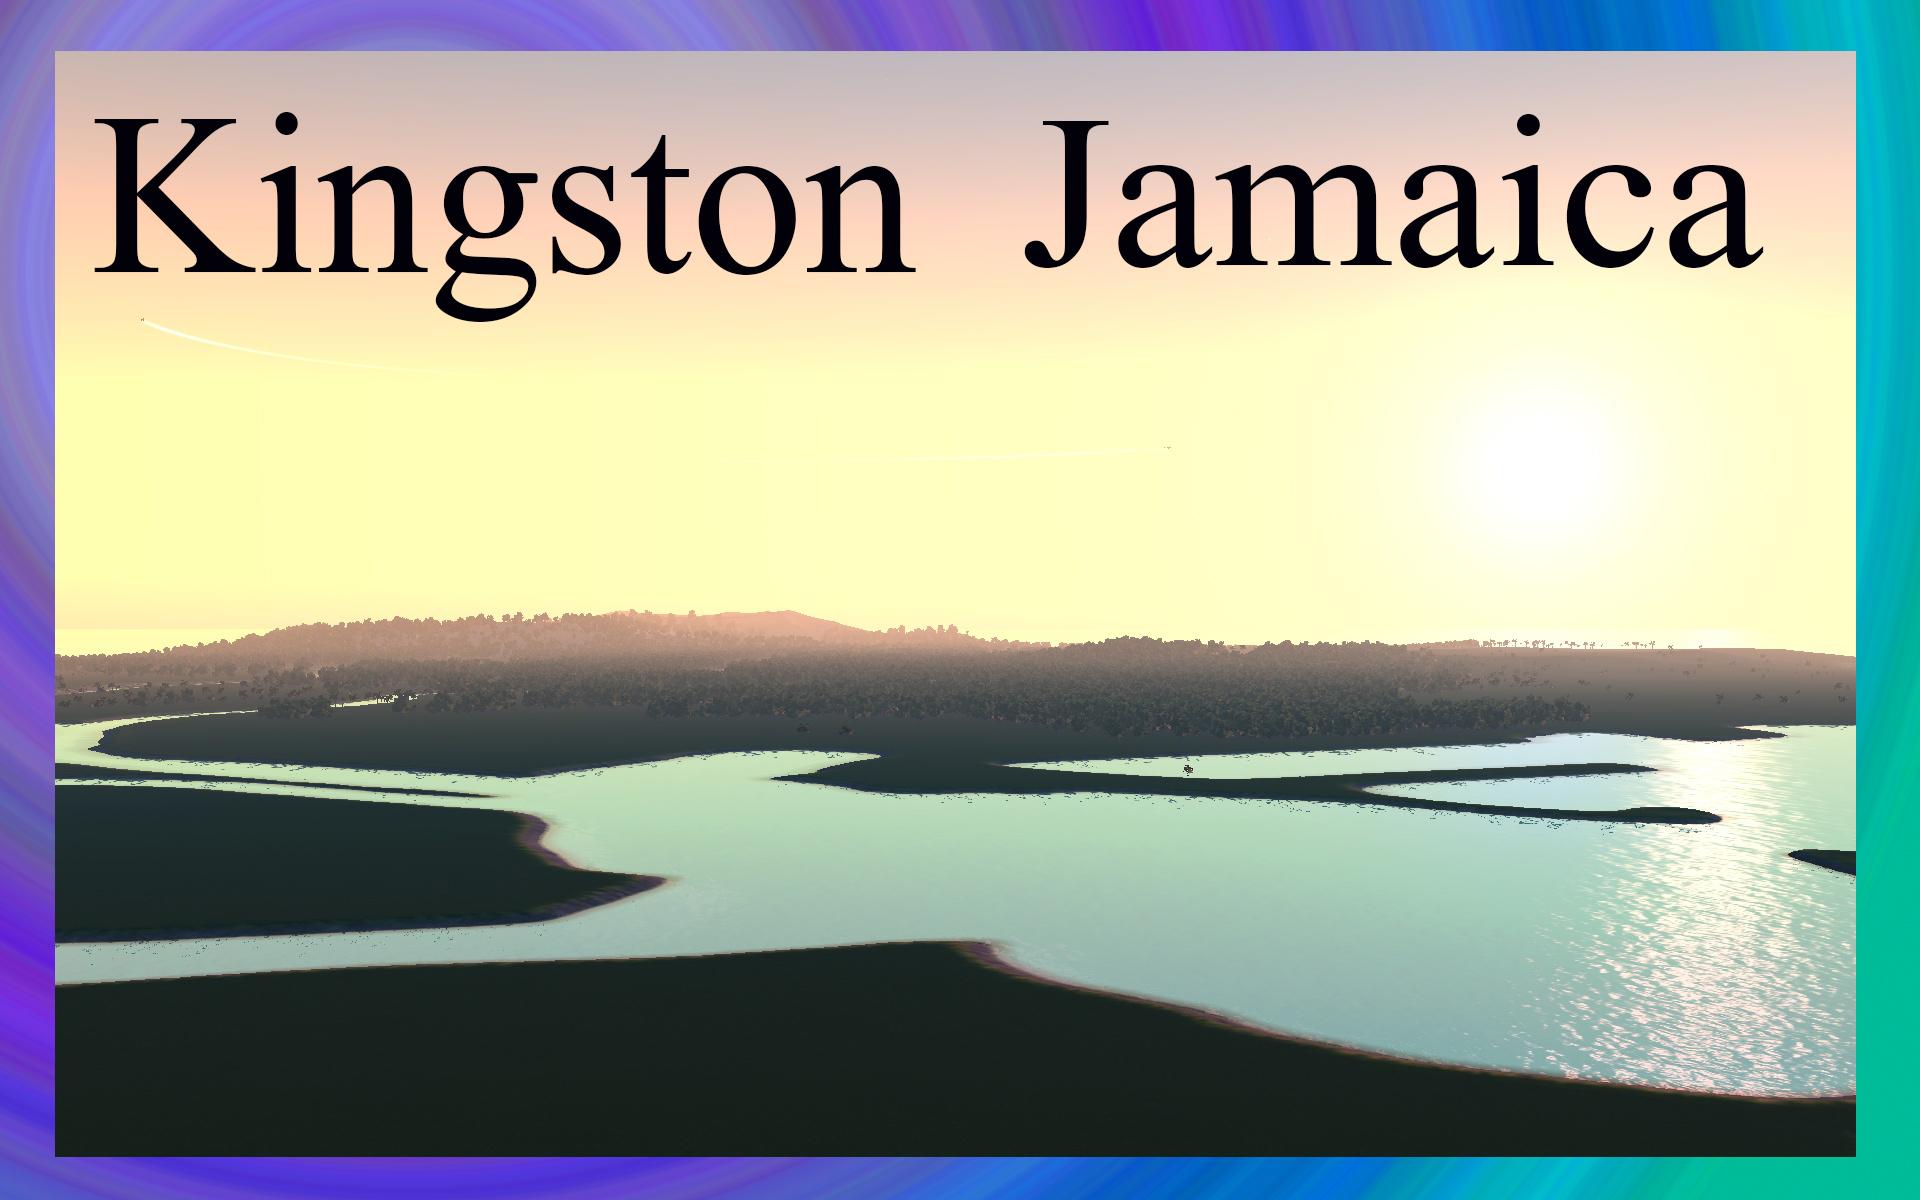 Kingston01.jpg